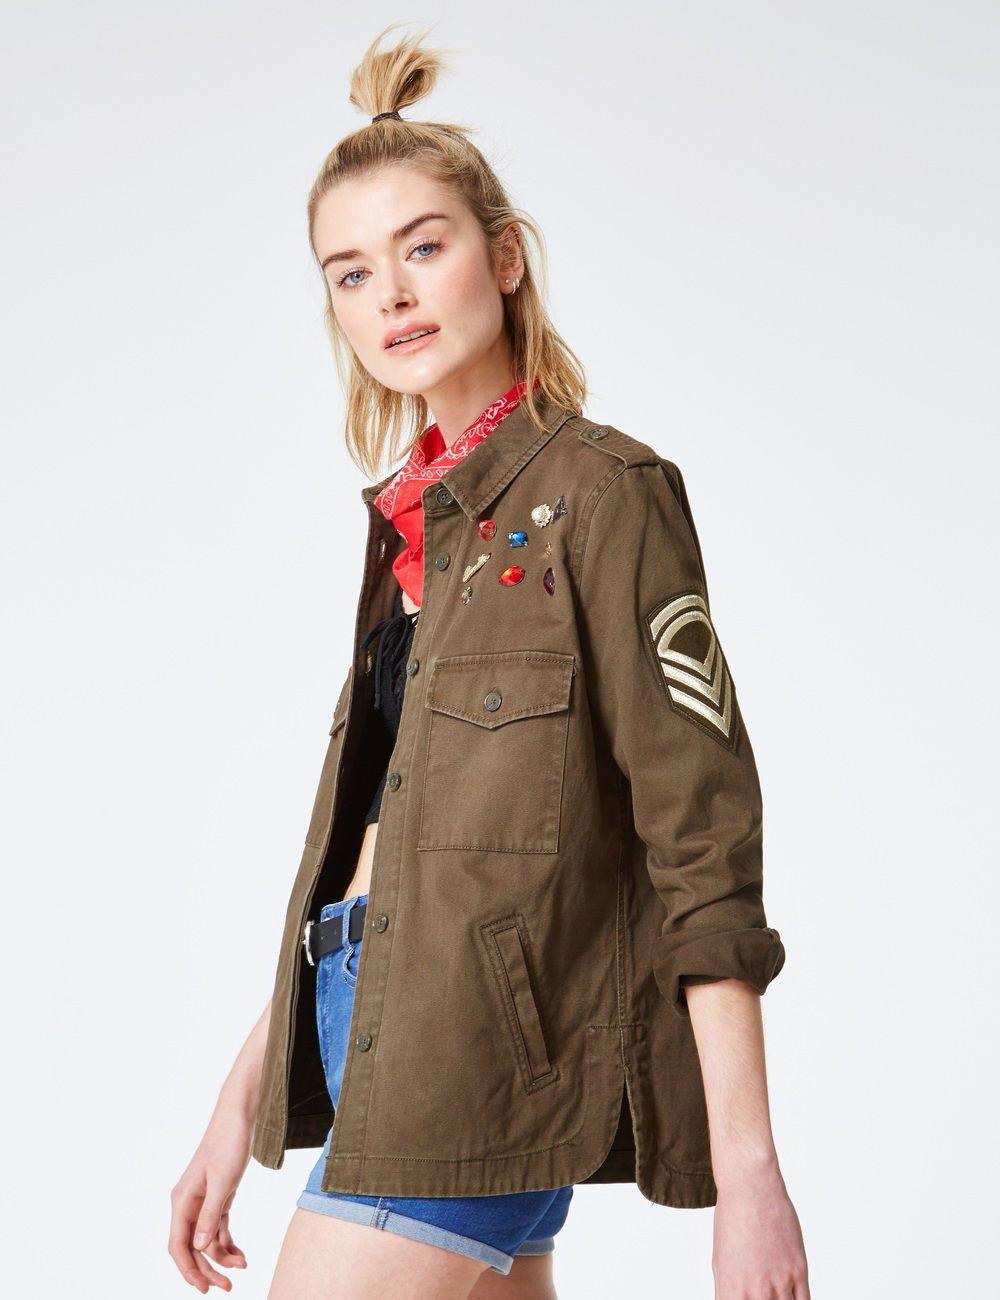 Collection de Doudounes, Vestes Militaires, Teddys, Bombers